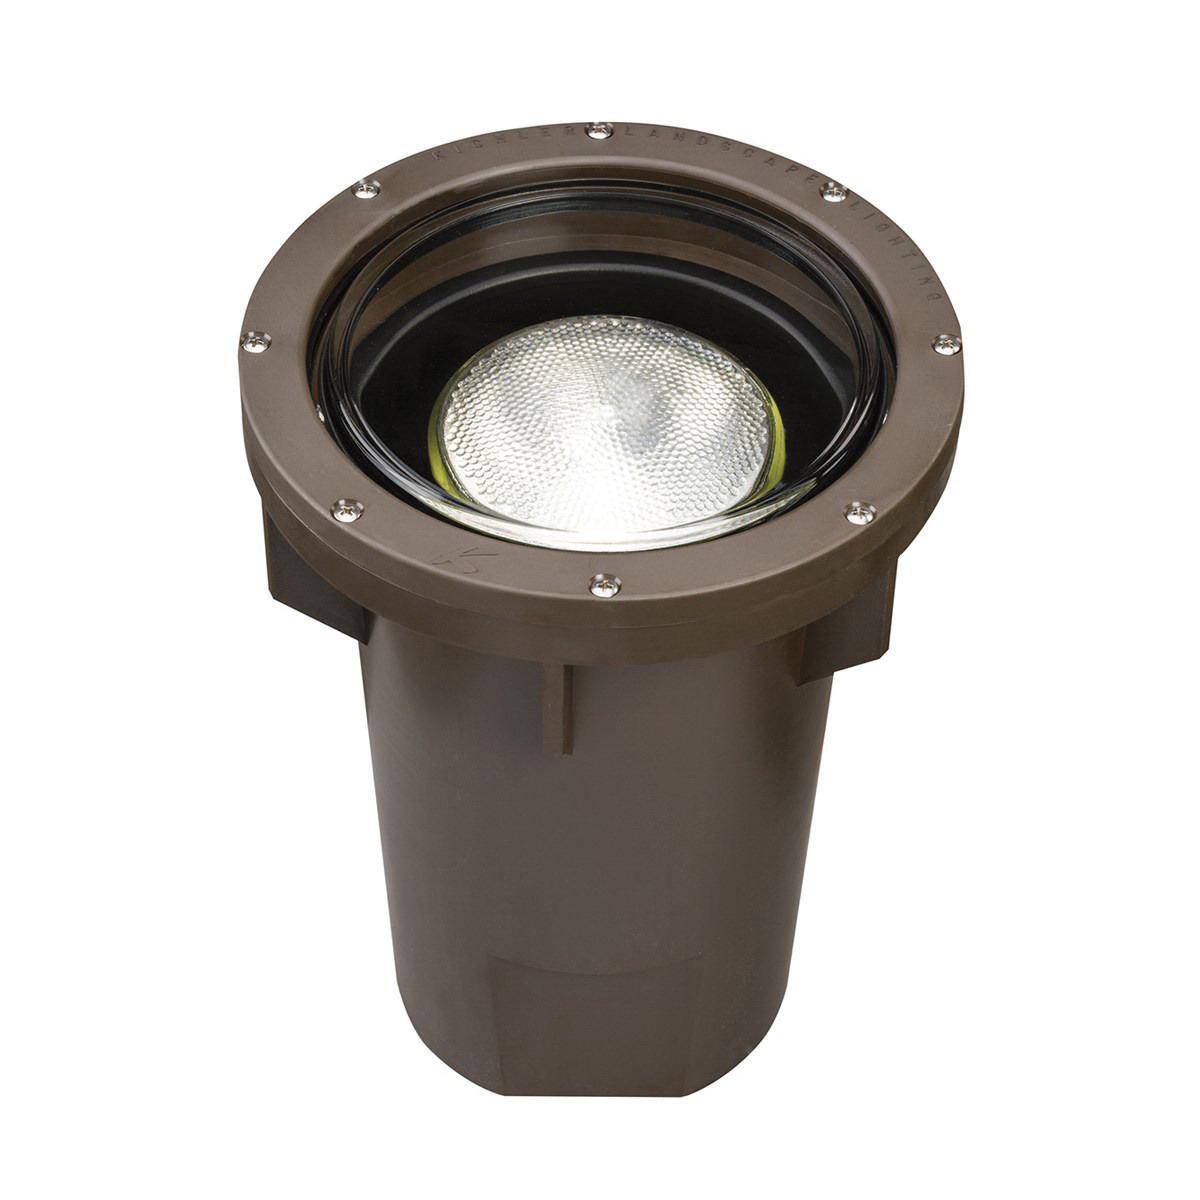 Kichler 15295az 1 Light In Ground 150 Watt 120 Volt Architectural Bronze